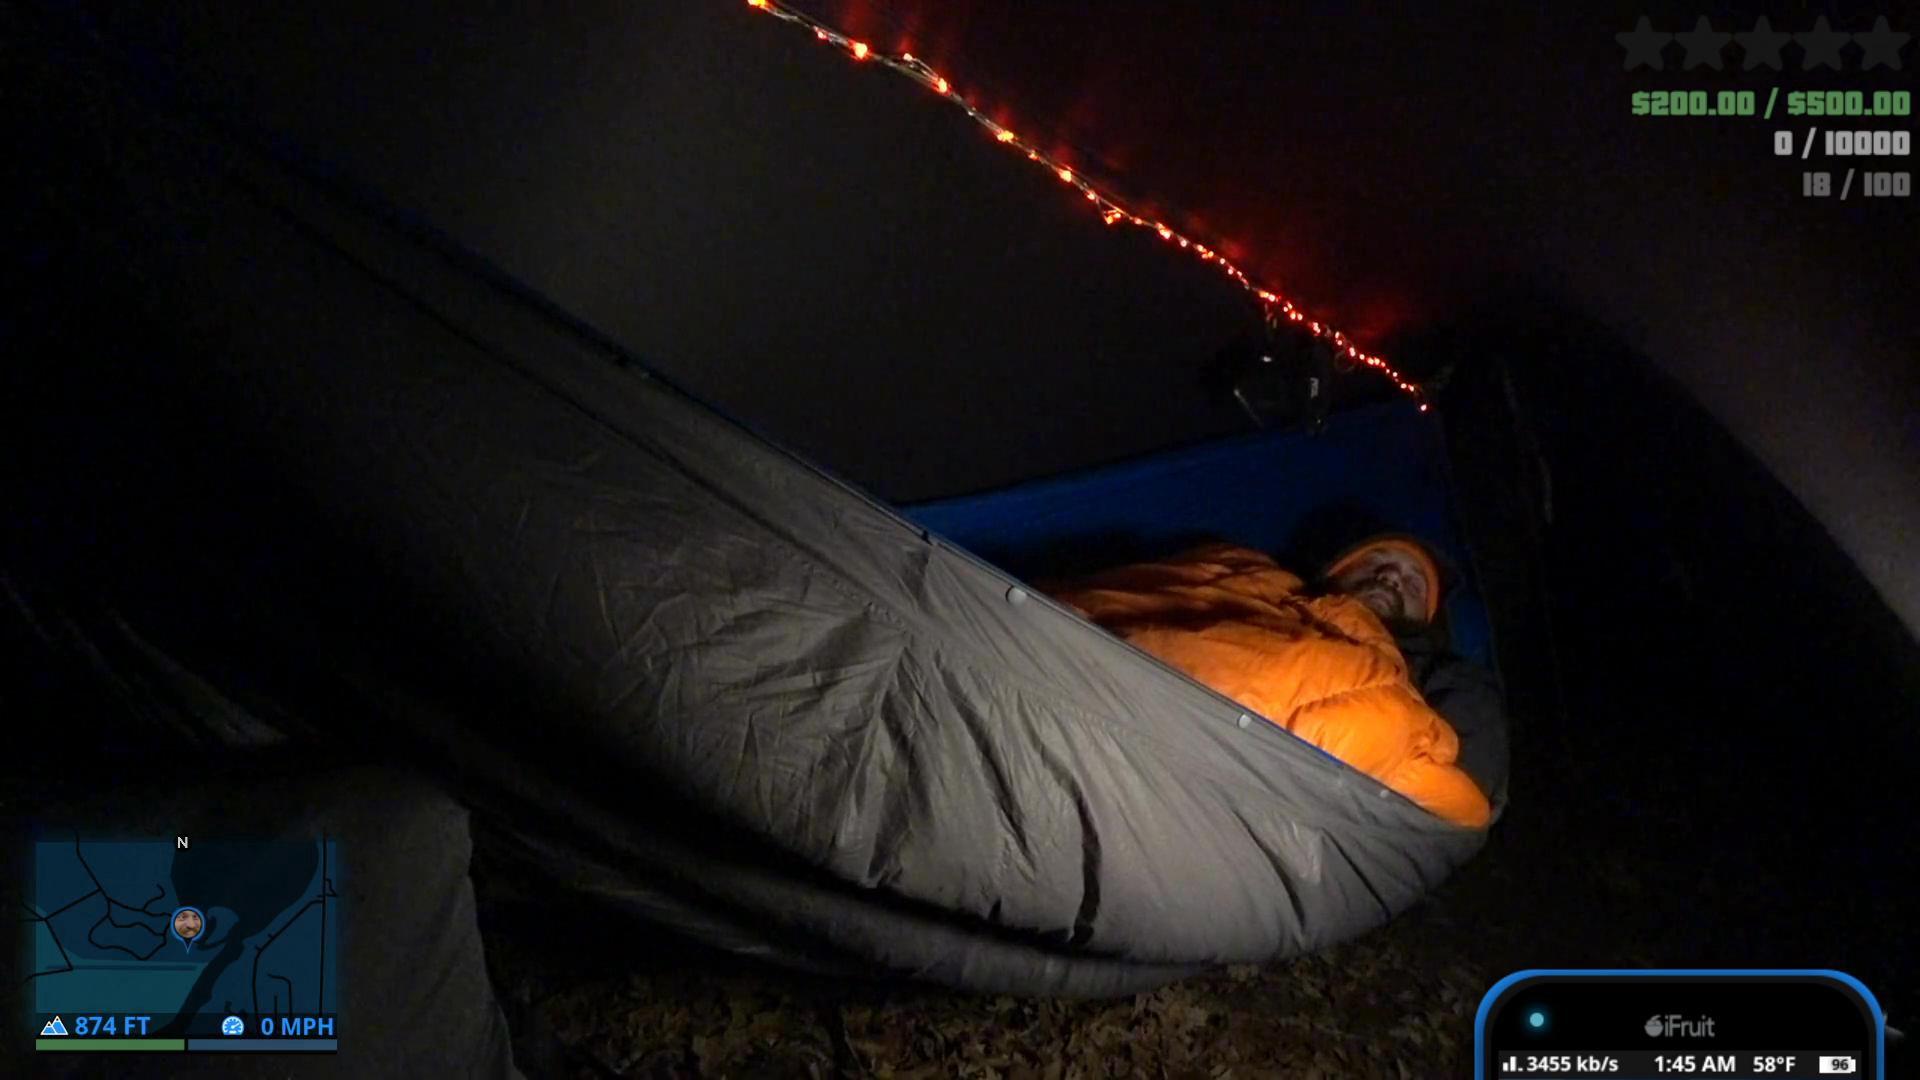 solo-camping-in-my-hammock-sleep-mode-on-none-0602-https-t-co-lt7w6uiynj-https-t-co-2w82gbladu